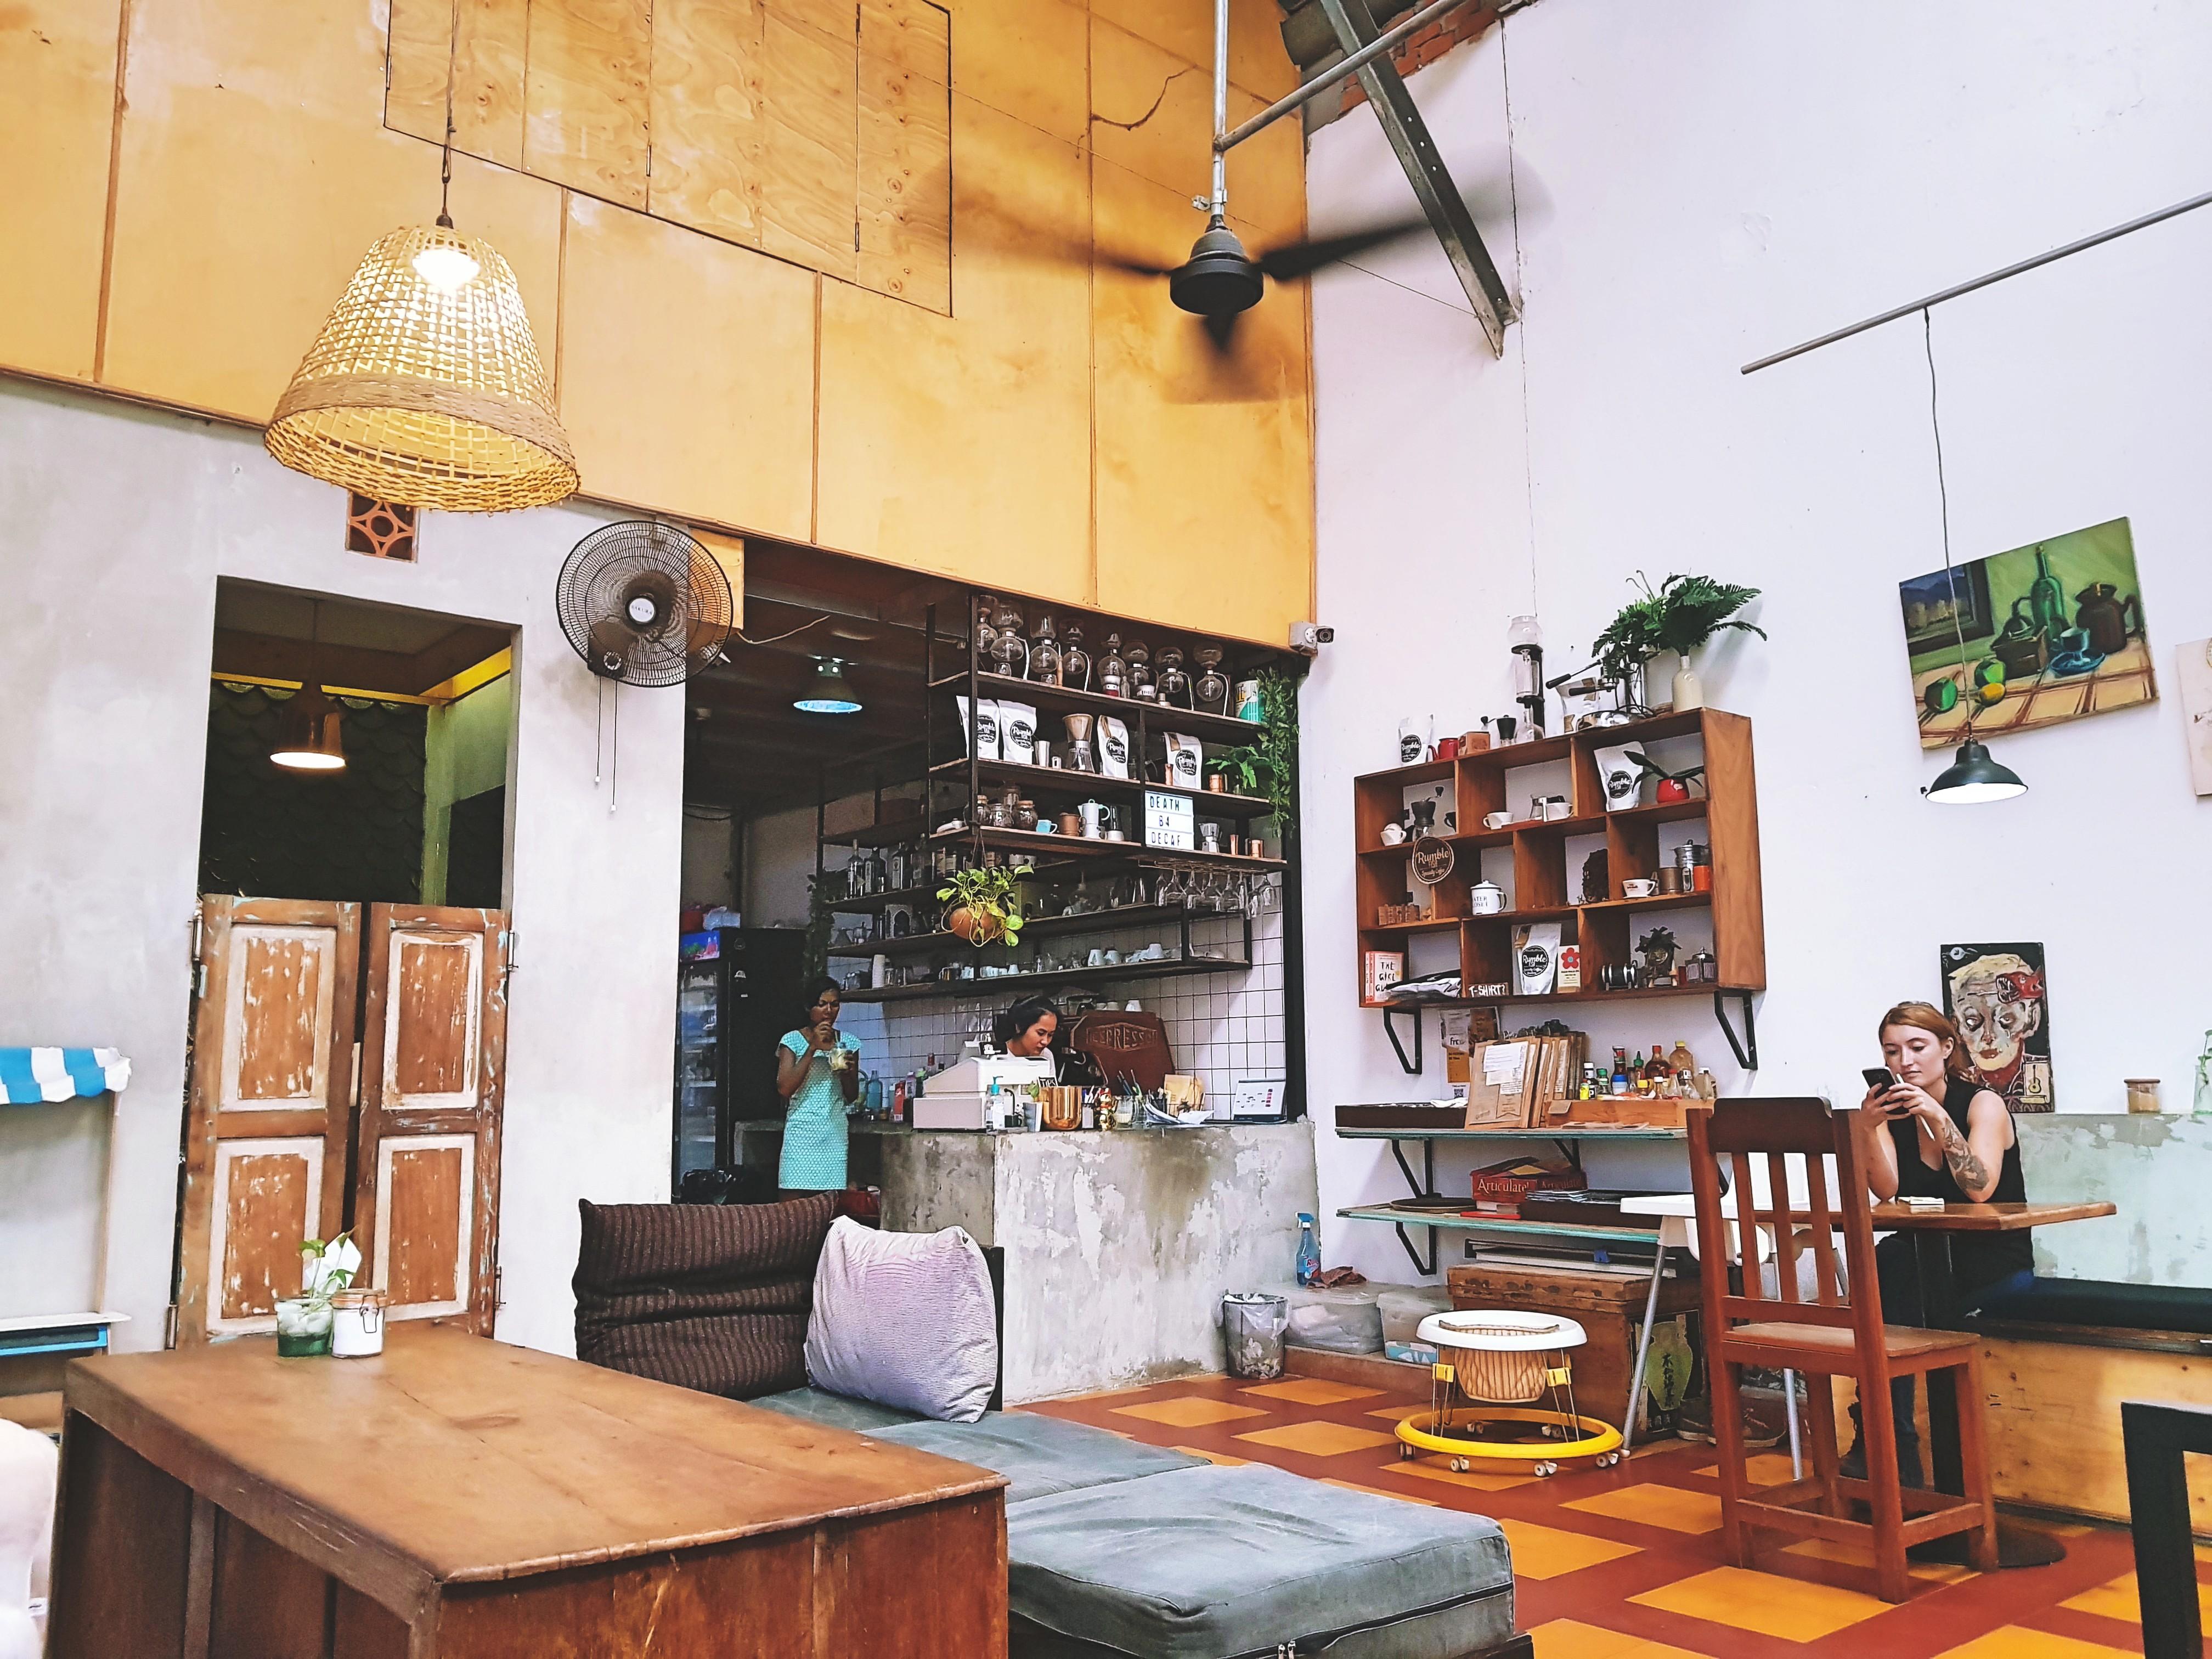 Cafe Espresso inside 2